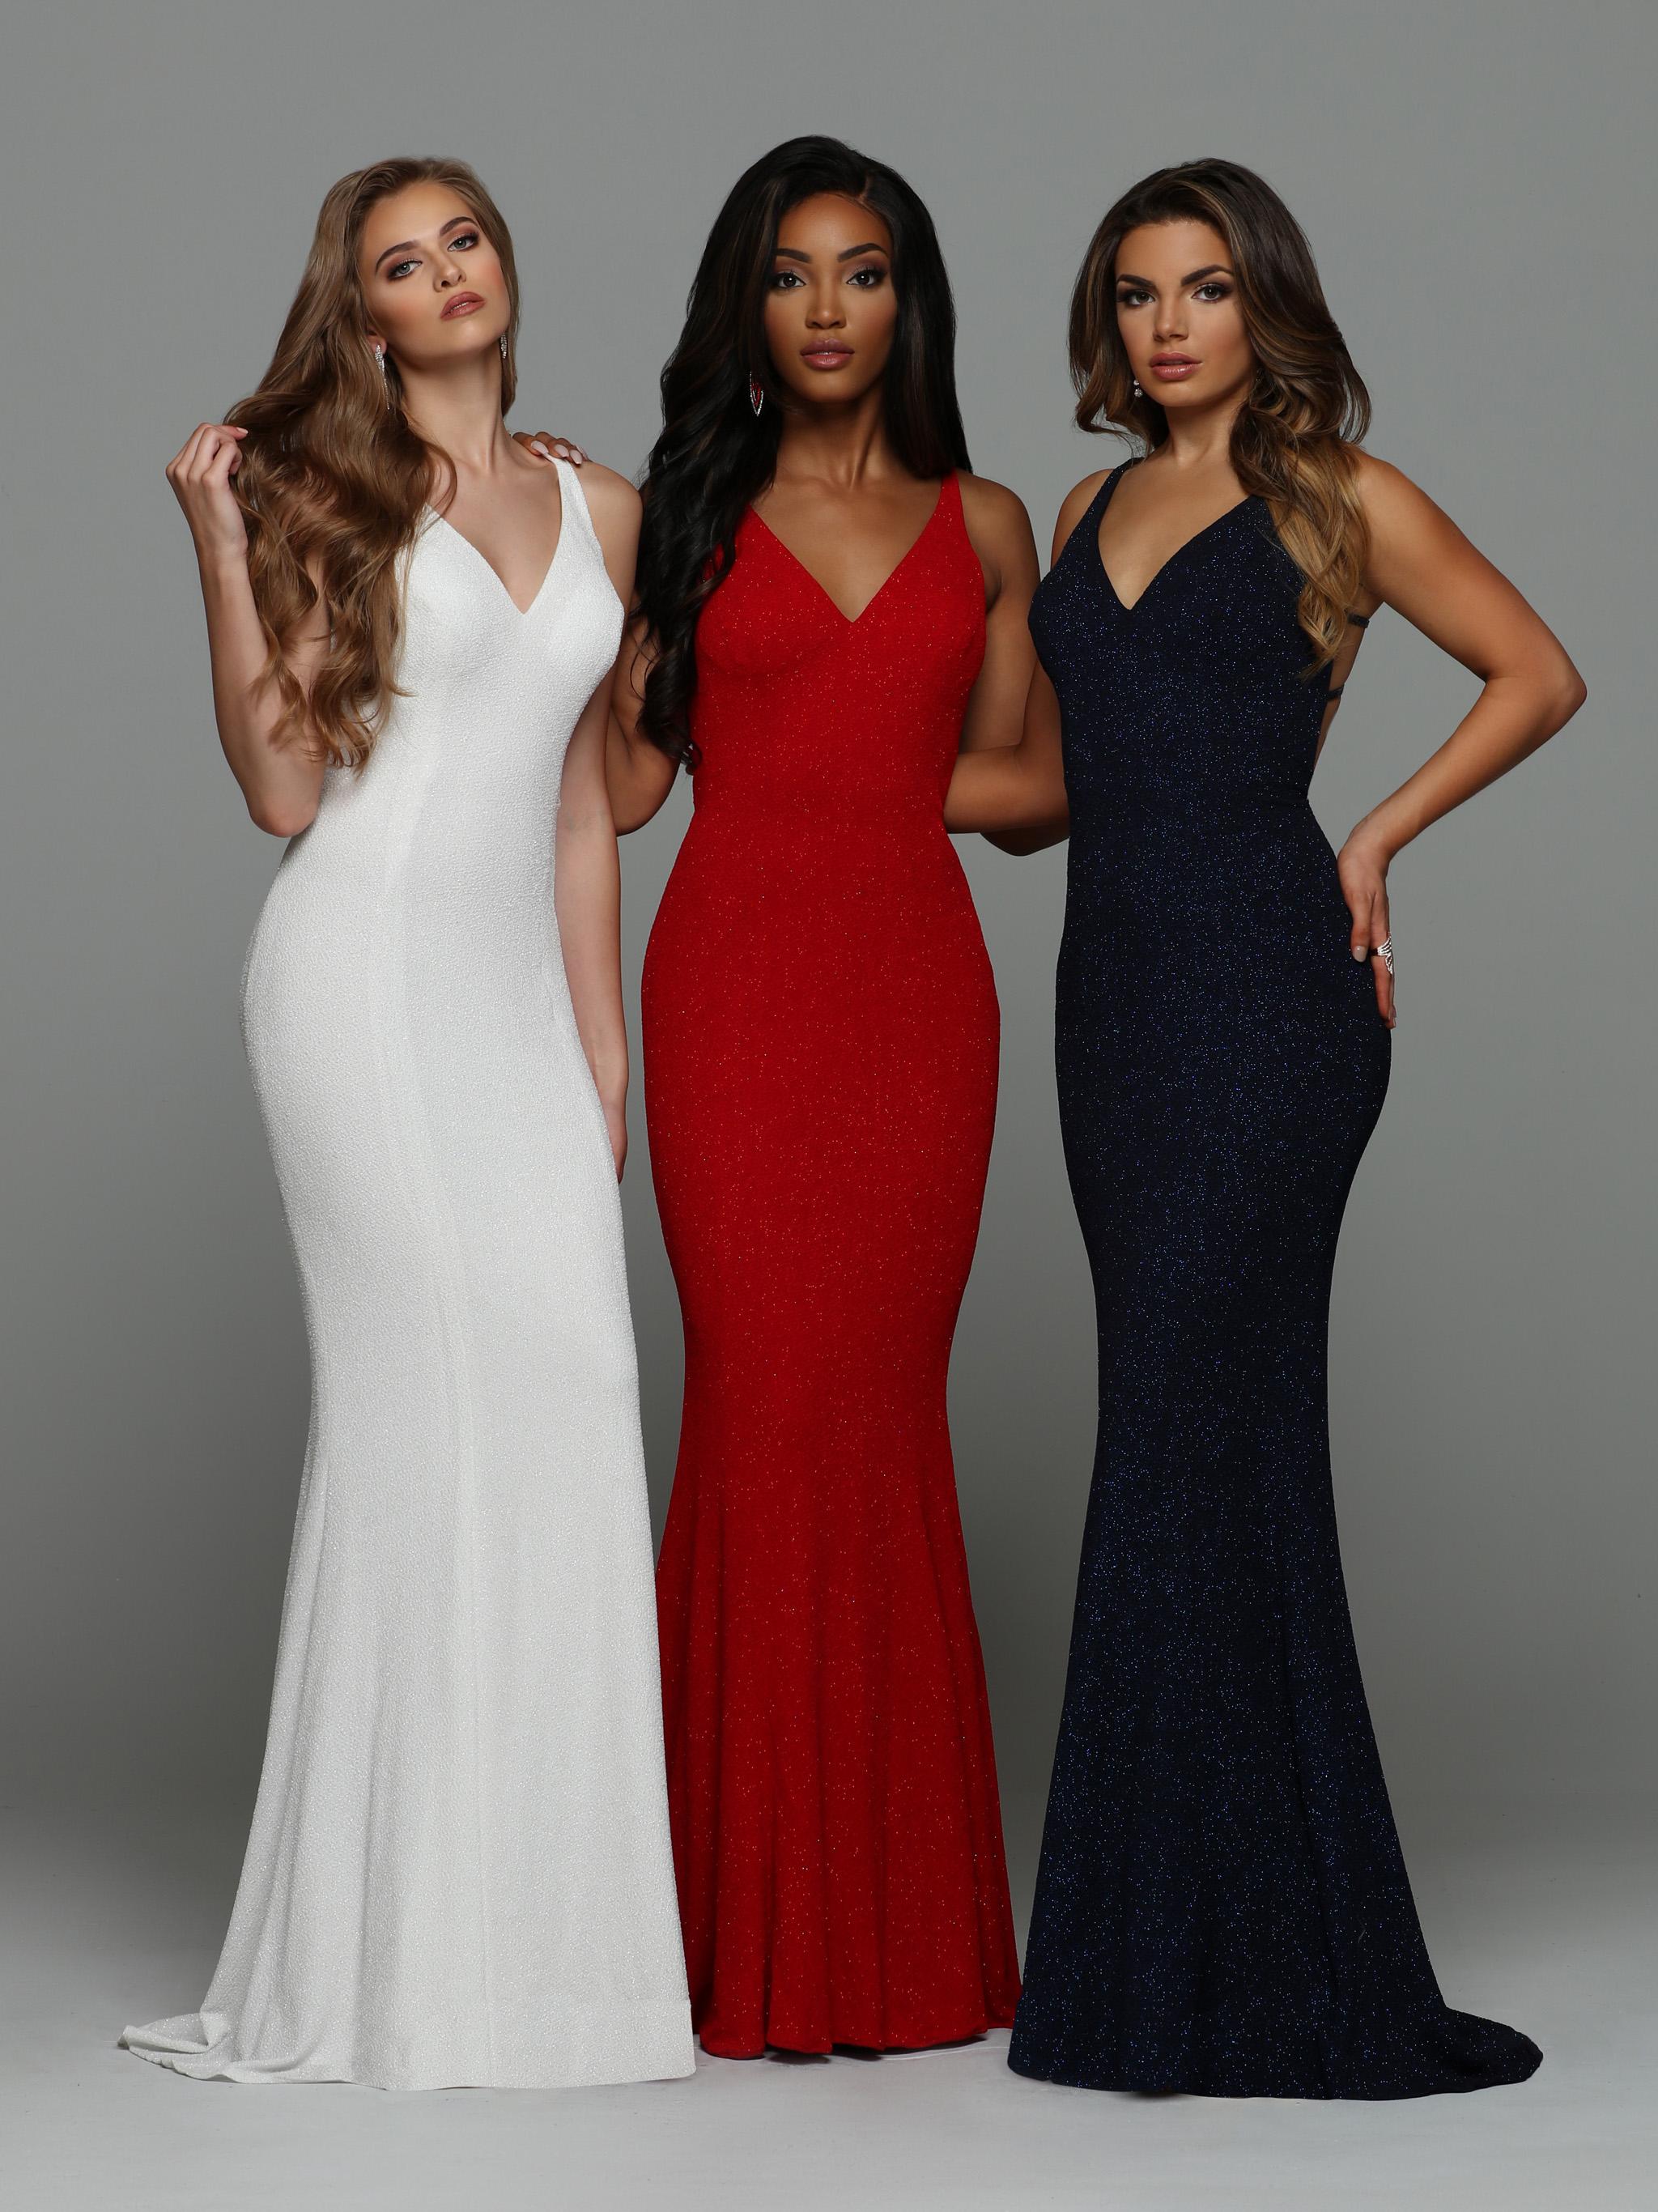 Best Patriotic Pageant Wear Dresses 2019 – Sparkle Prom Blog